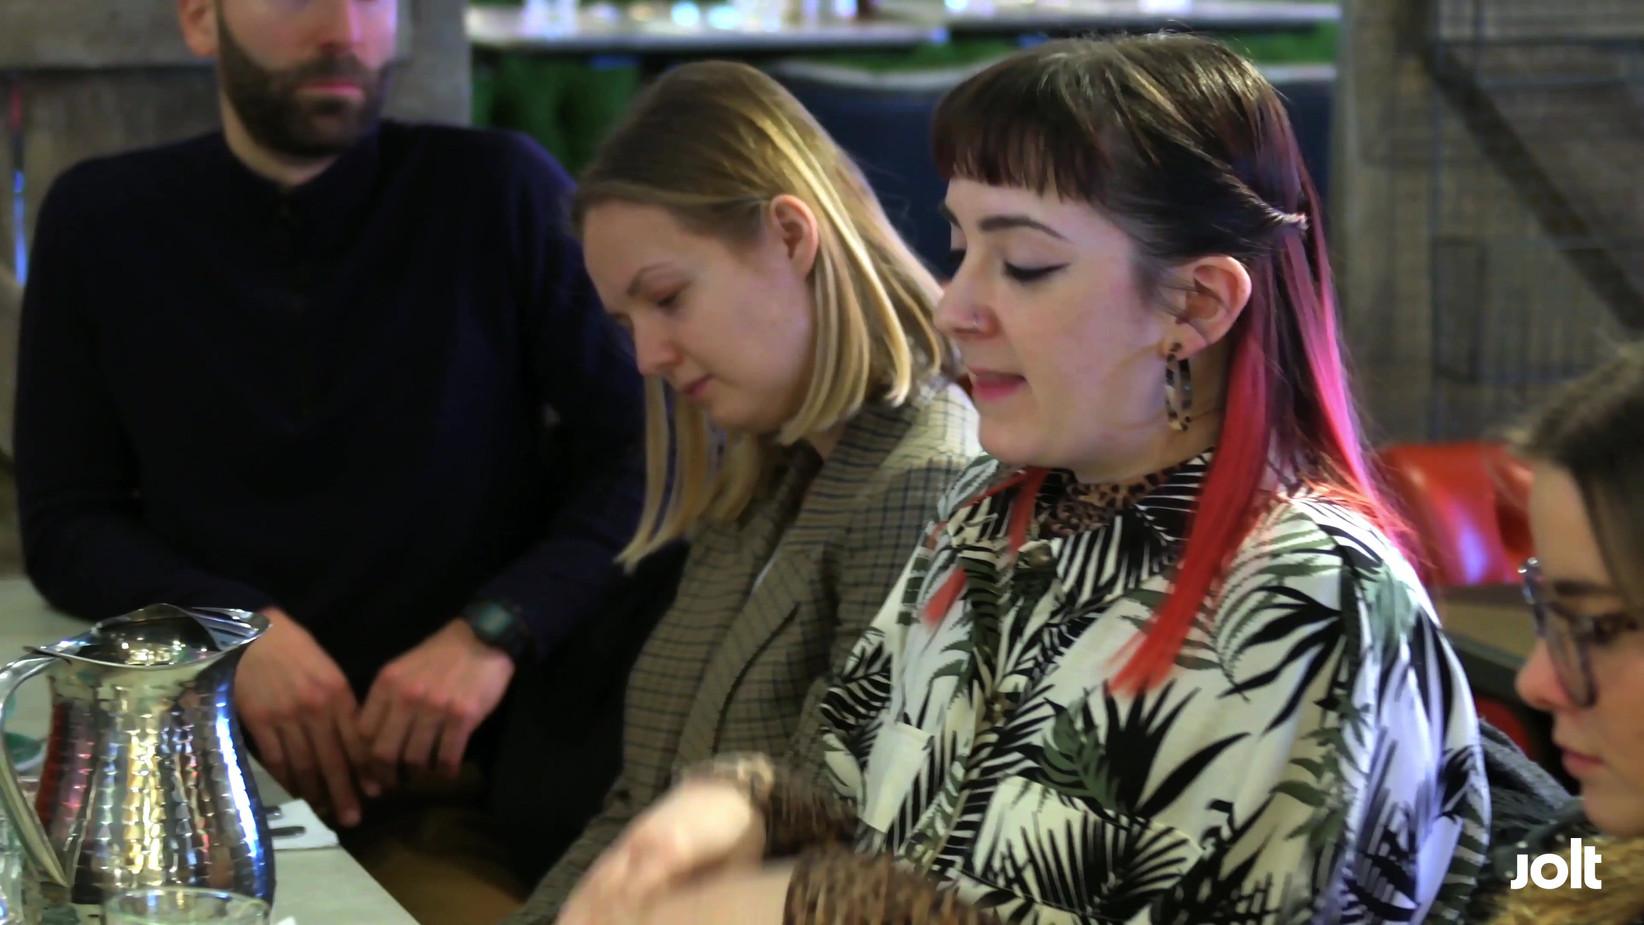 Jolt London's Breakfast Series Launch